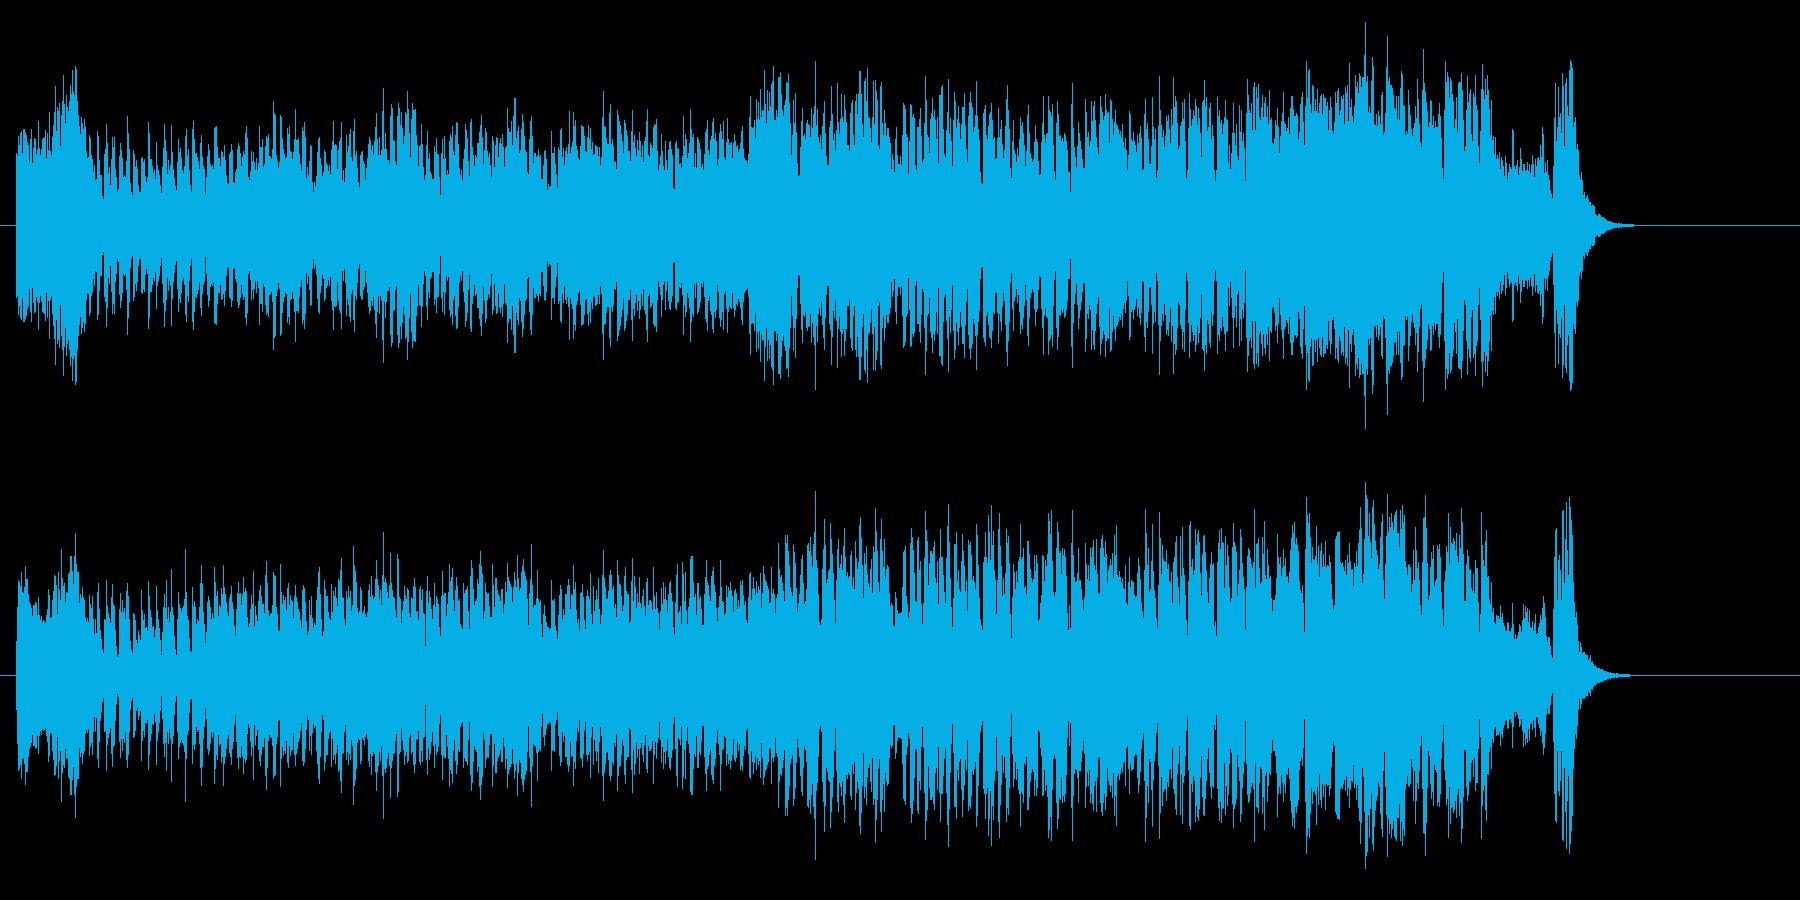 華やかなショウ・タイムのオーケストラ風の再生済みの波形